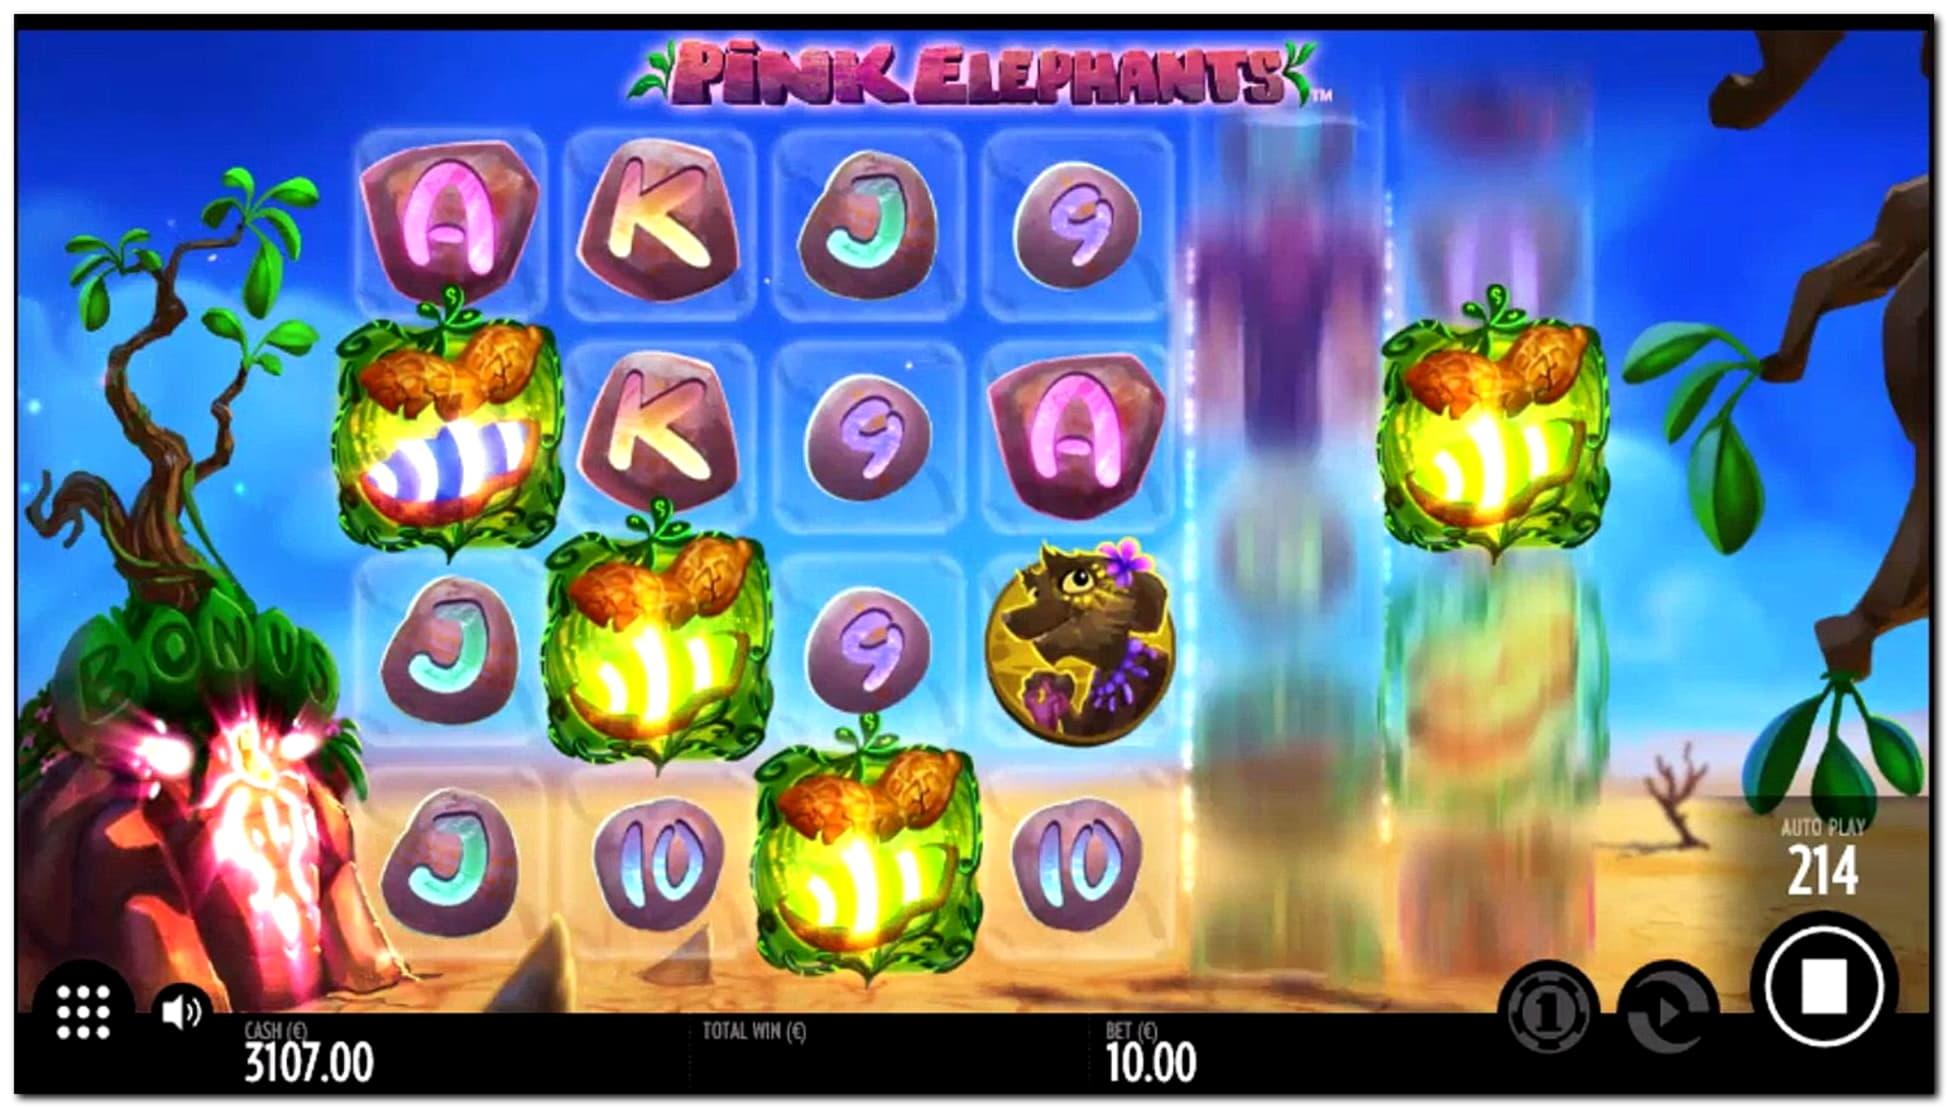 EUR 3315 No Deposit Bonus at 7 Sultans Casino